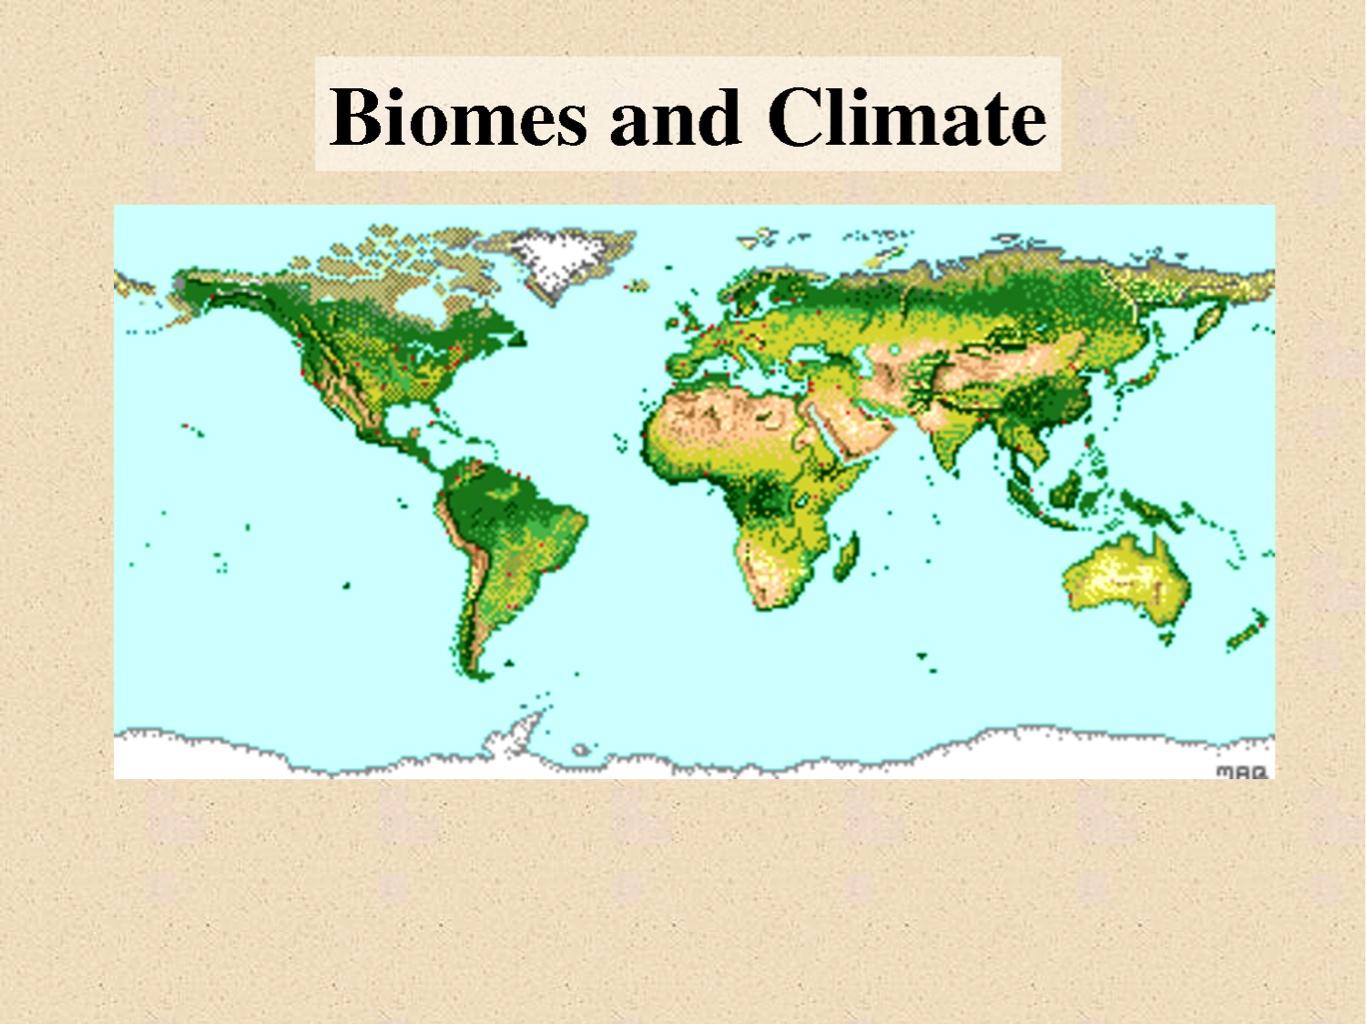 freshwater biome locations around world